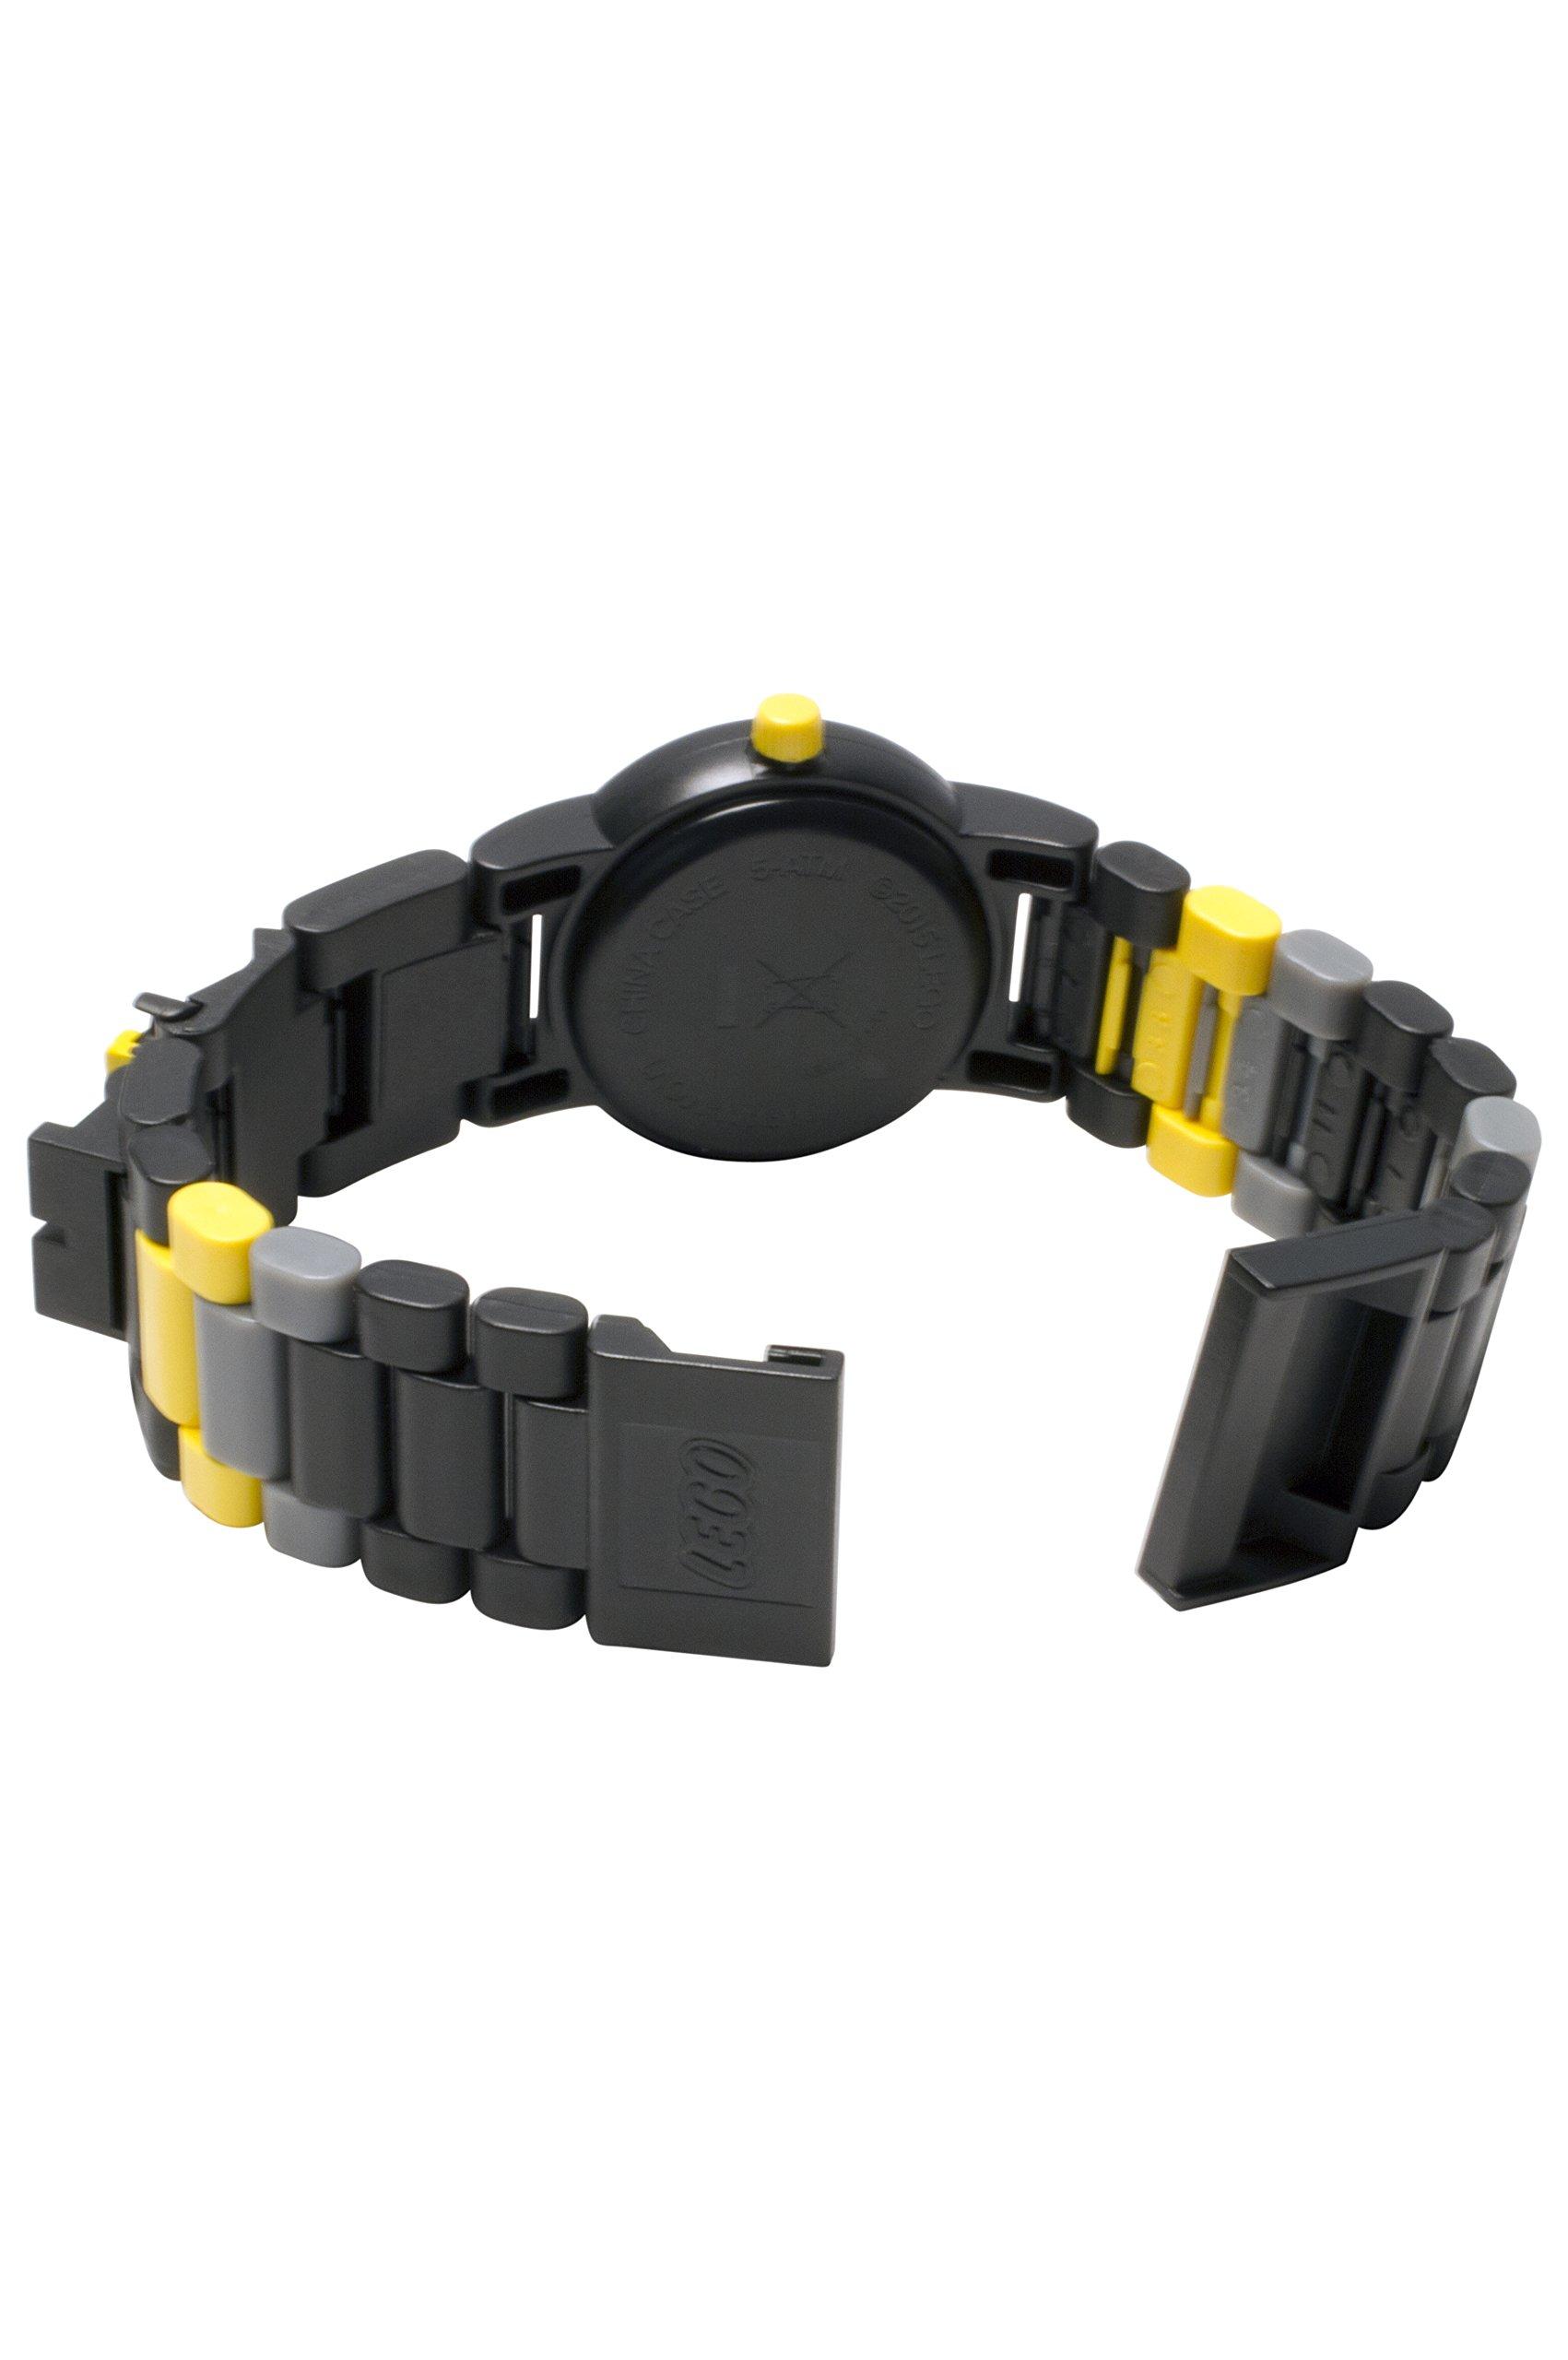 LEGO Batman 8020837 Orologio da polso componibile per bambini con minifigure Batman 5 spesavip